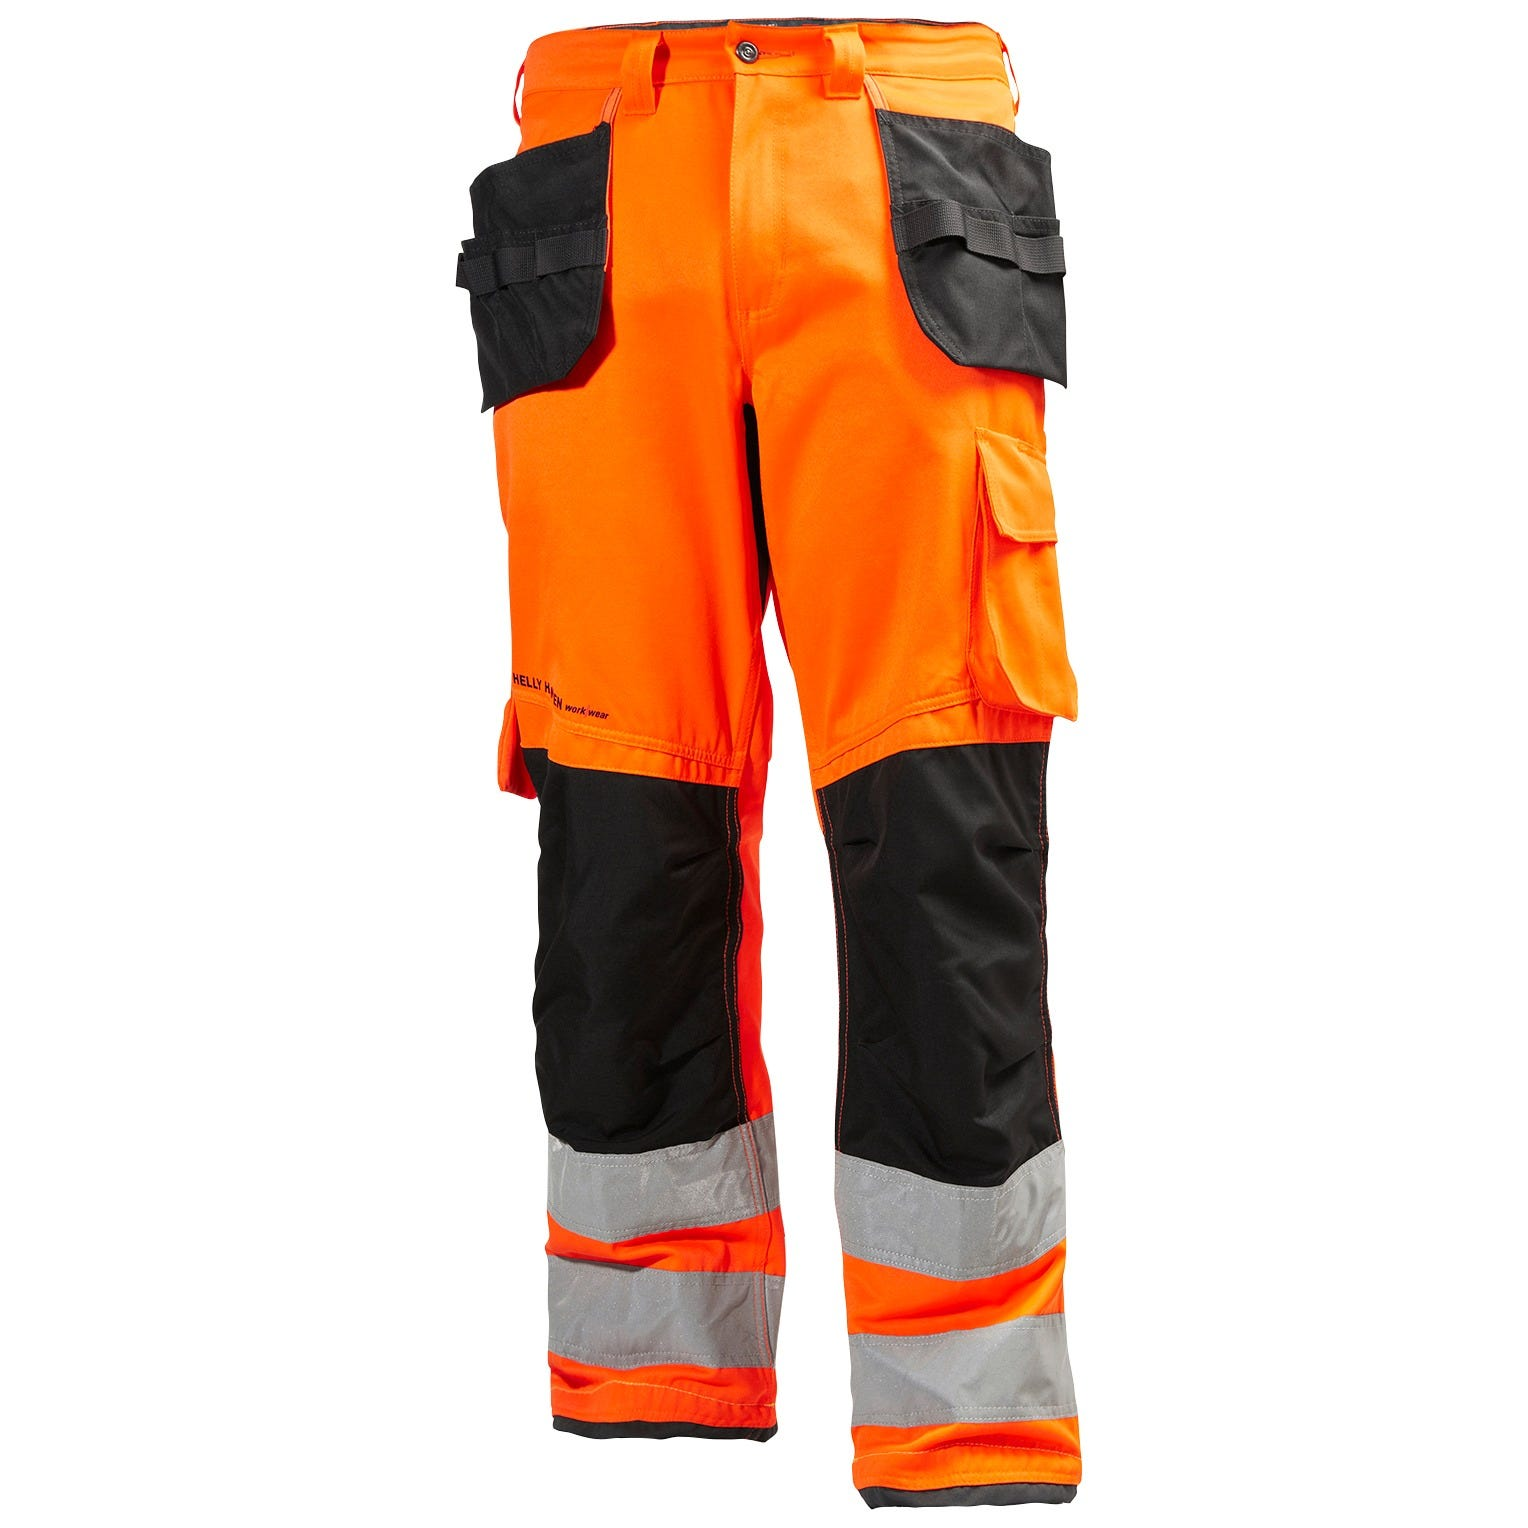 Helly Hansen Broeken Alna 77413 High Vis fluo oranje-antracietgrijs(269)